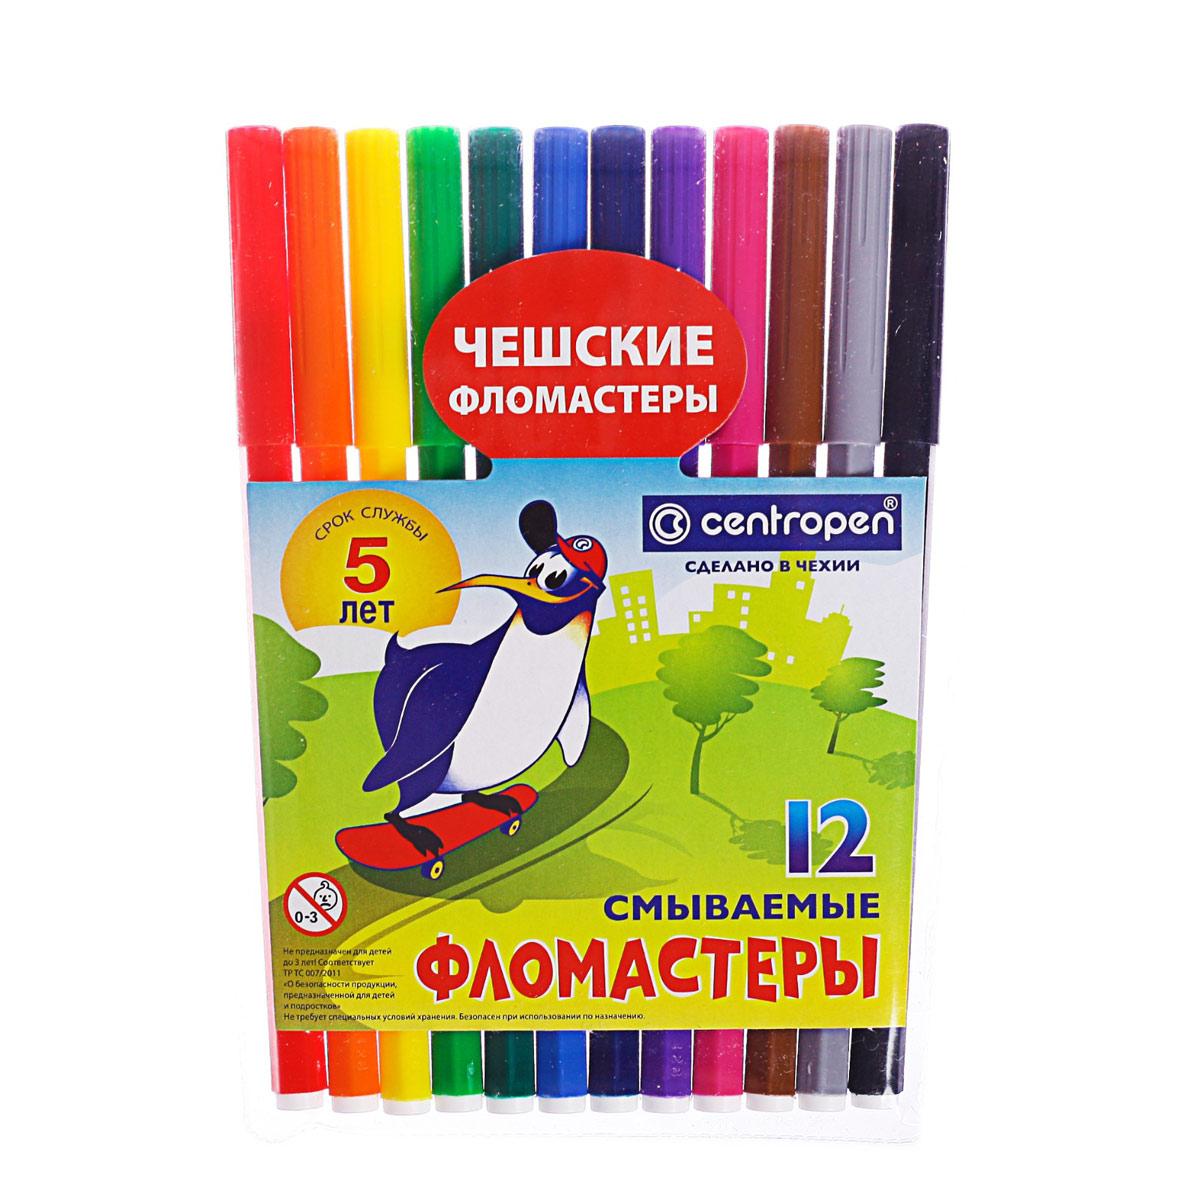 581459 Фломастеры 12цв Centropen 7790 Пингвины, пласт/конверт, линия 1.0мм